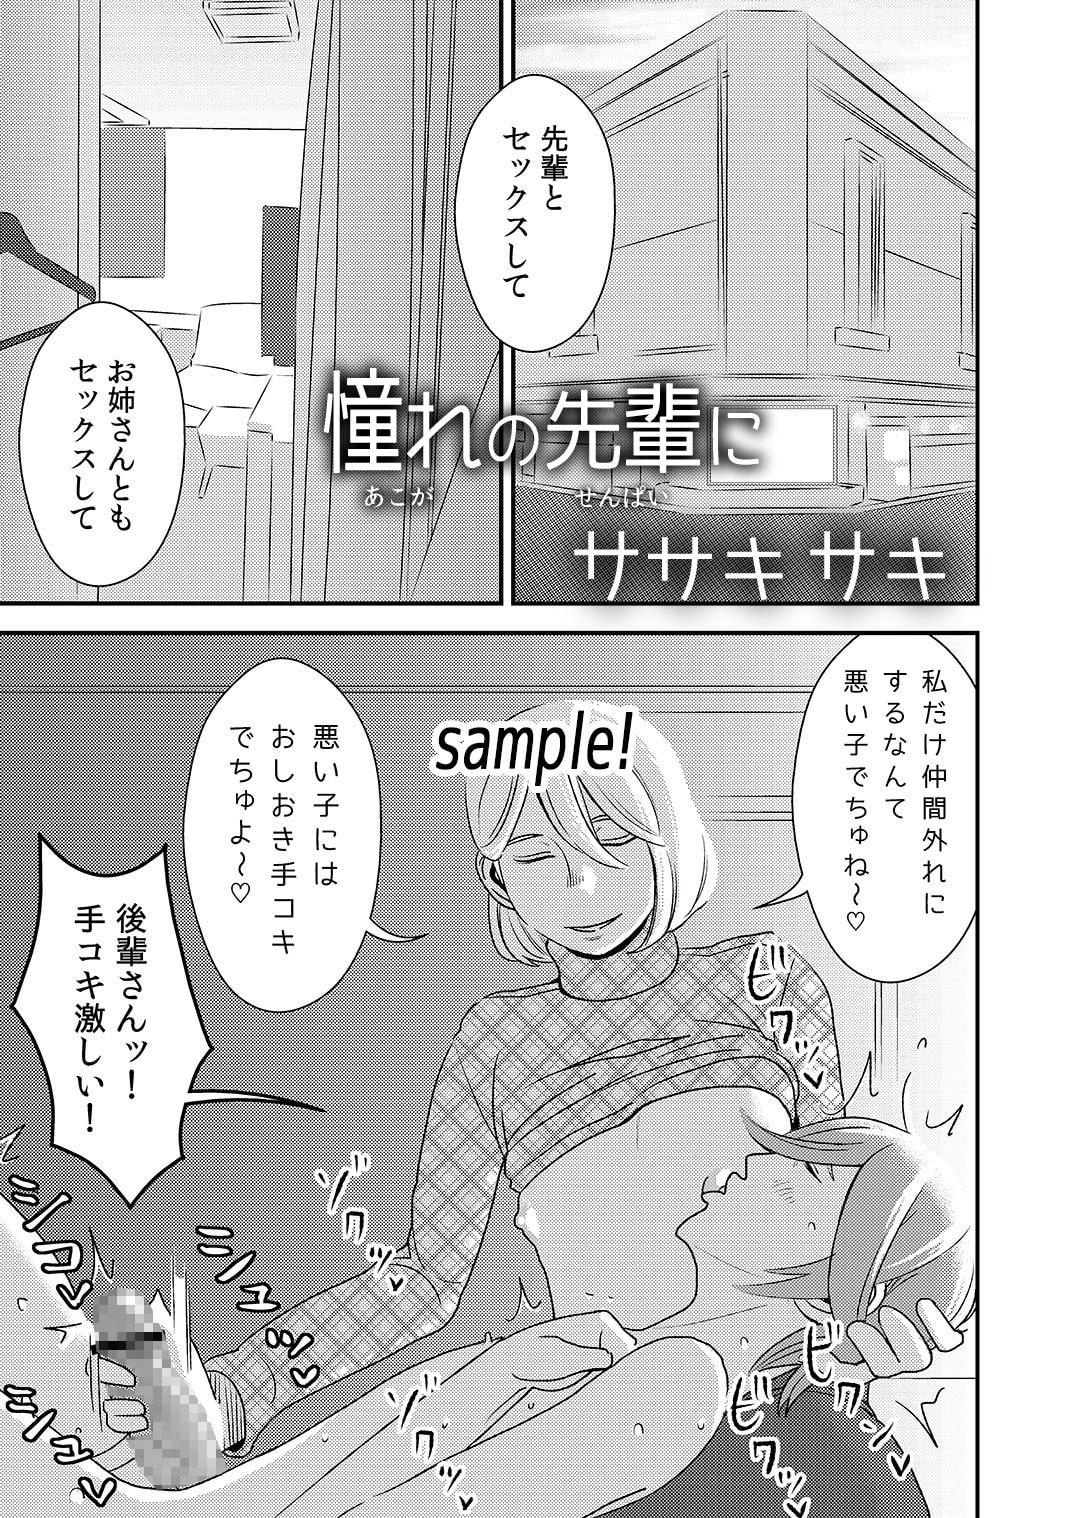 憧れの先輩に ~後輩さん本気セックス!~